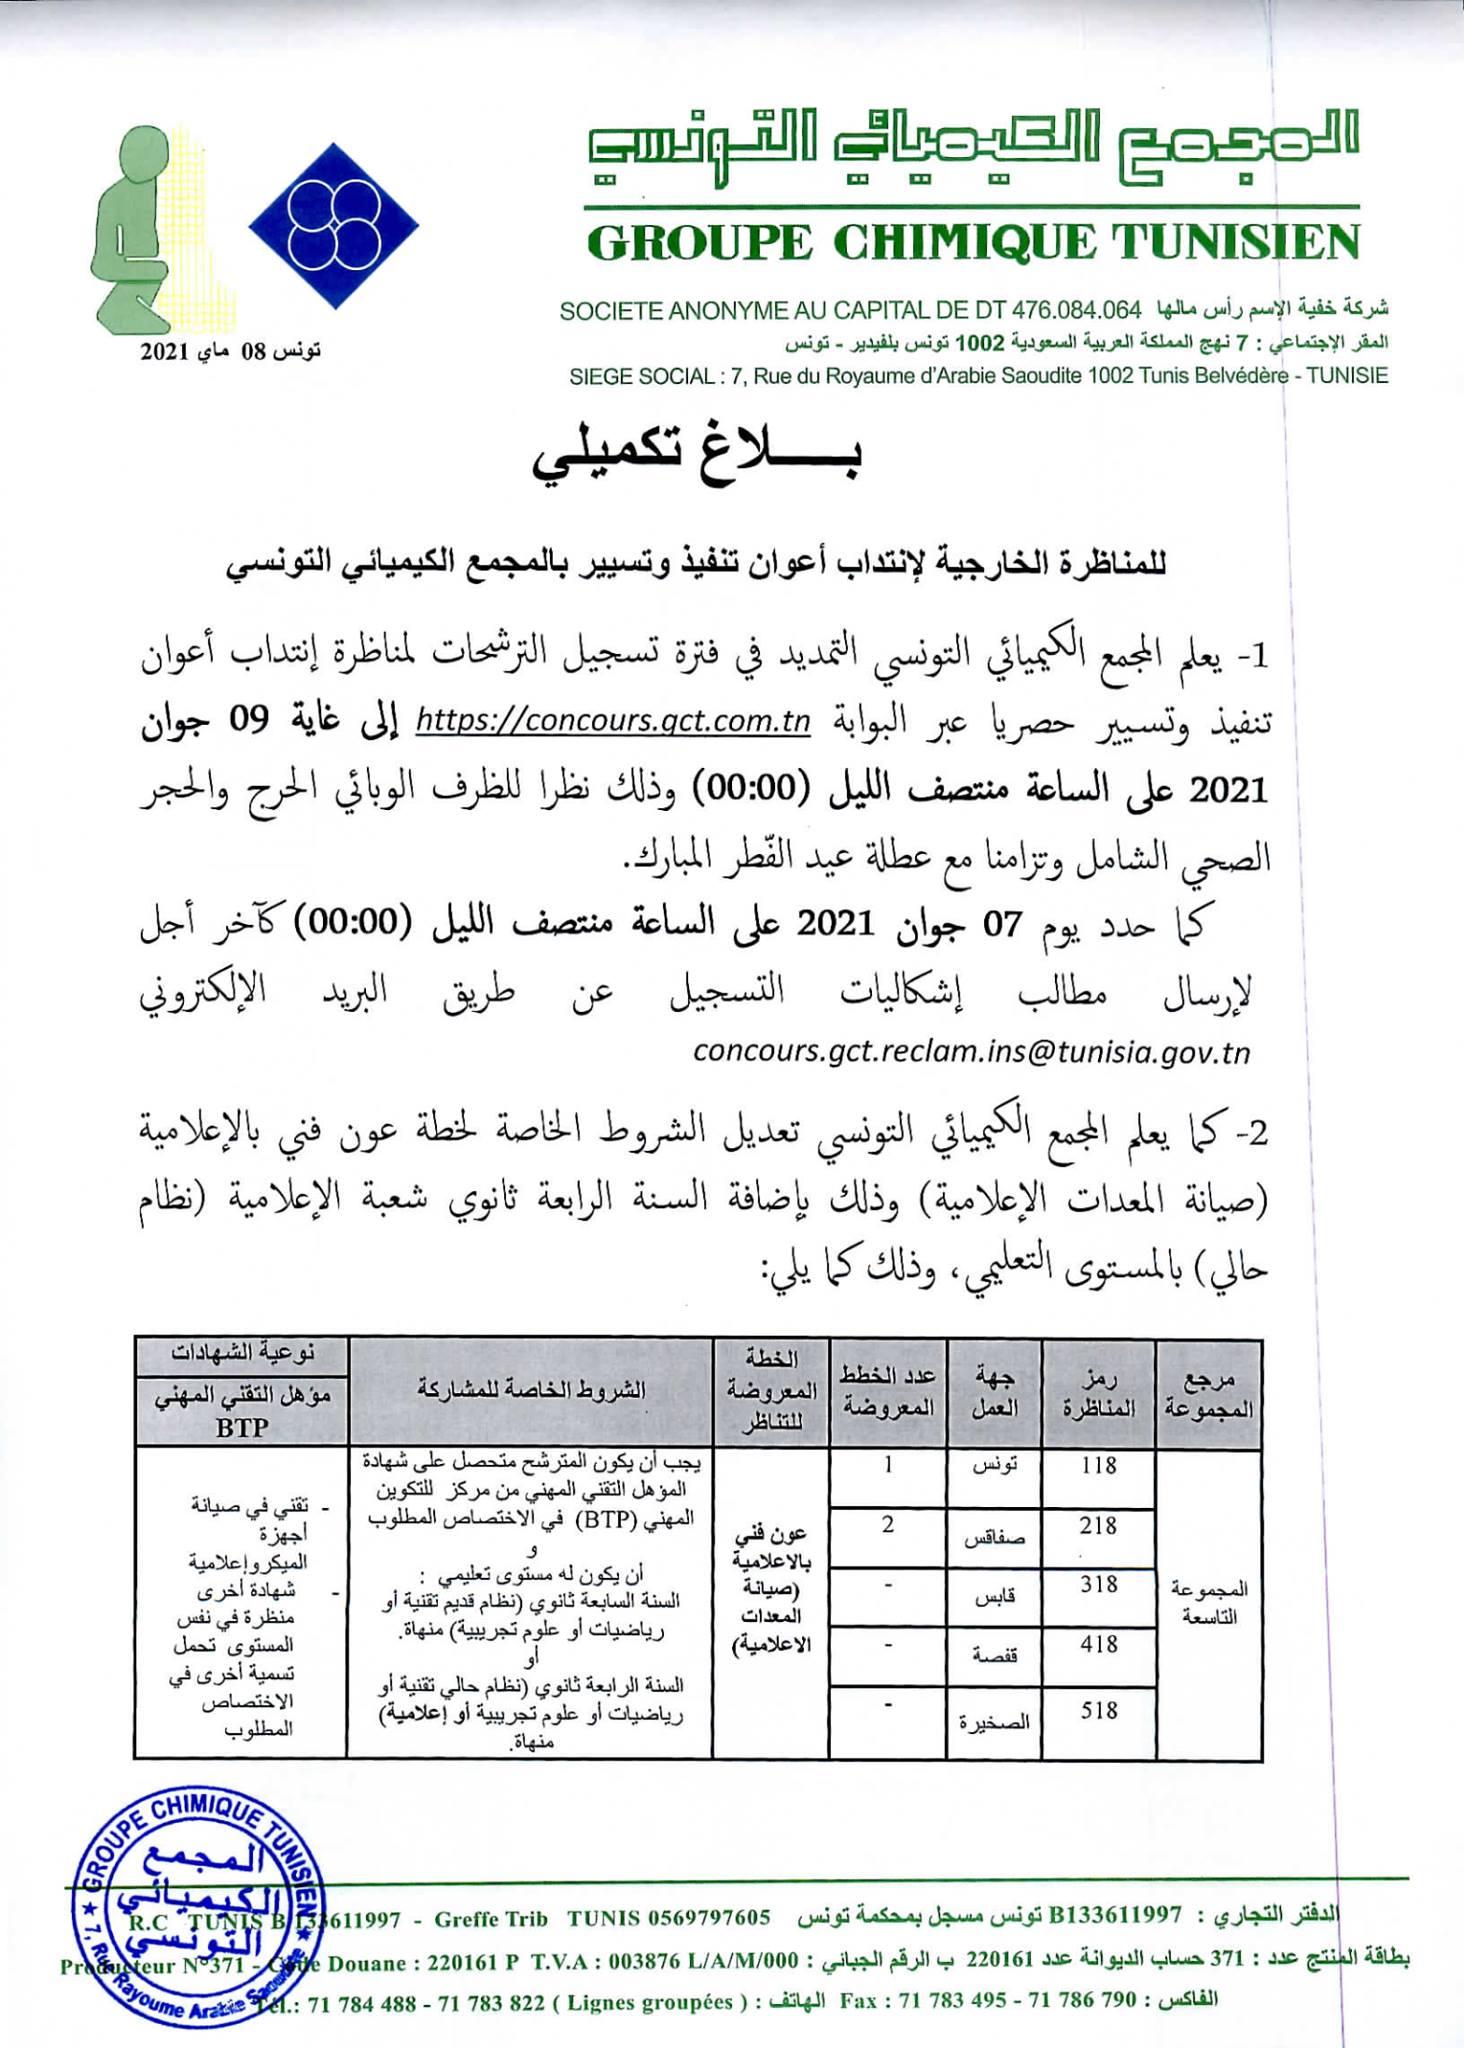 مناظرات انتداب 1602 أعوان تسيير وتنفيذ بالمجمع الكيميائي التونسي : أخر أجل للتسجيل 09 جوان 2021